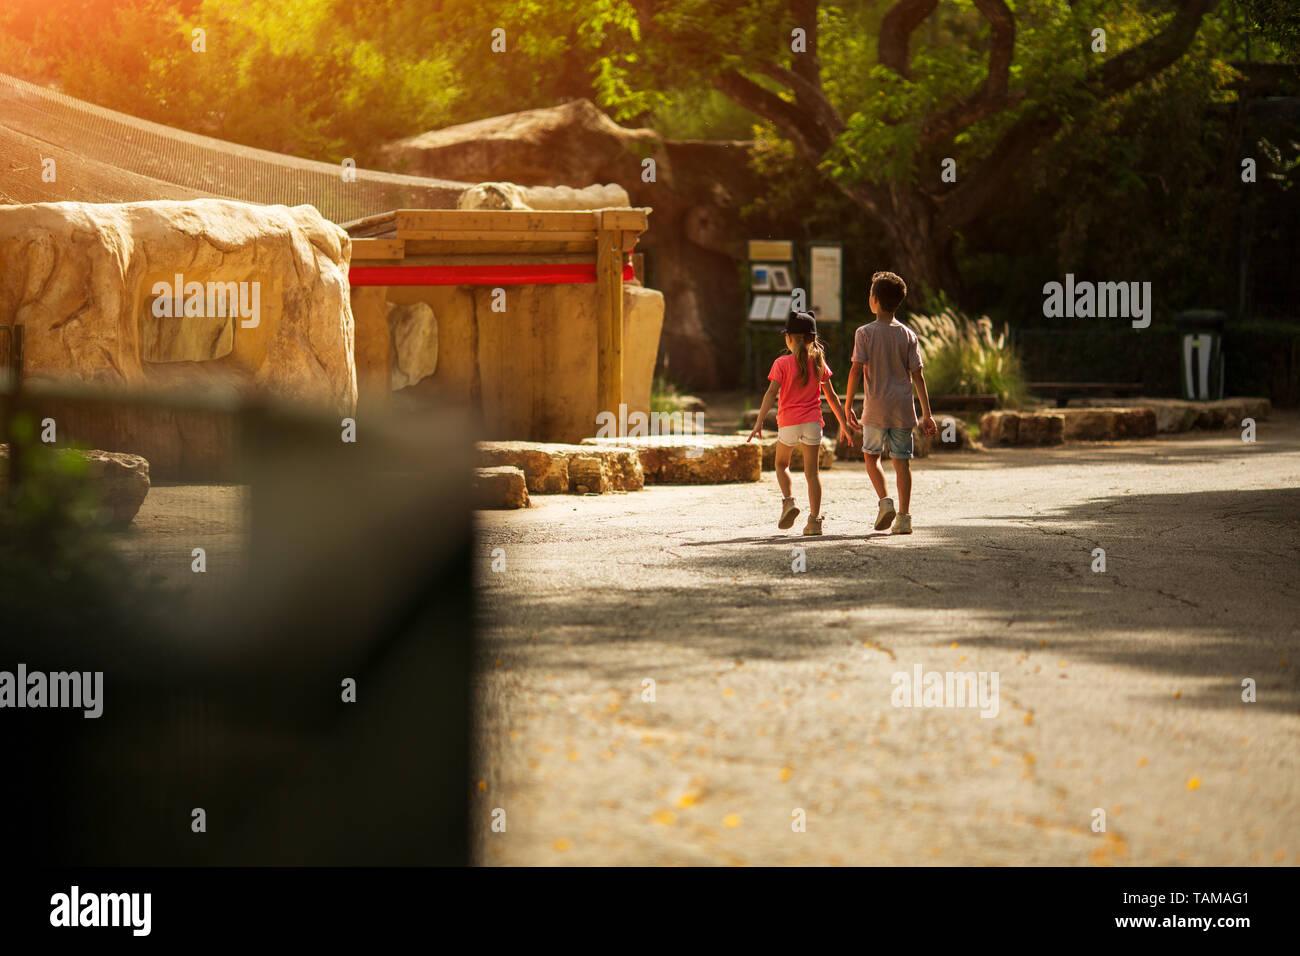 Un ragazzo e una ragazza camminare intorno allo zoo Immagini Stock